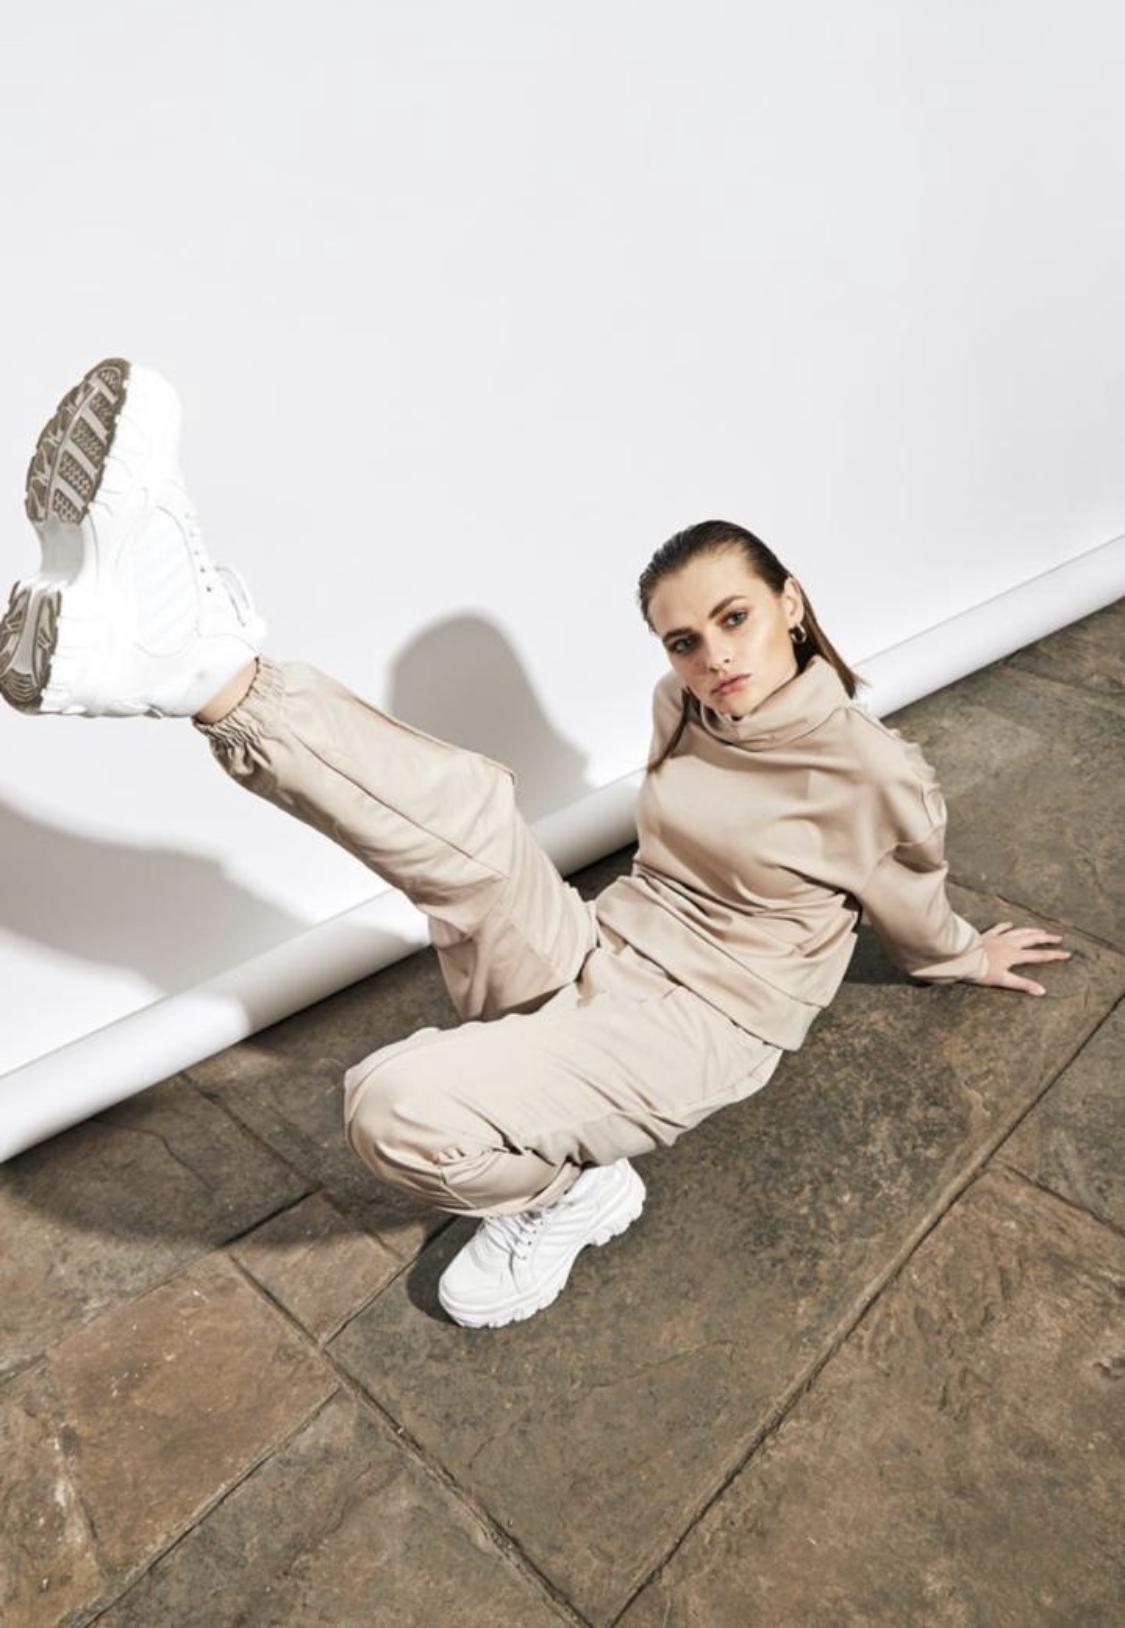 Preventa: Entrega del producto en 7 días útiles.  Chunky sneakers blancas de cuero. Tienen 6cm de altura  CAPELLADA: CUERO NATURAL / FORRO: TELA / ALTURA: 6CM